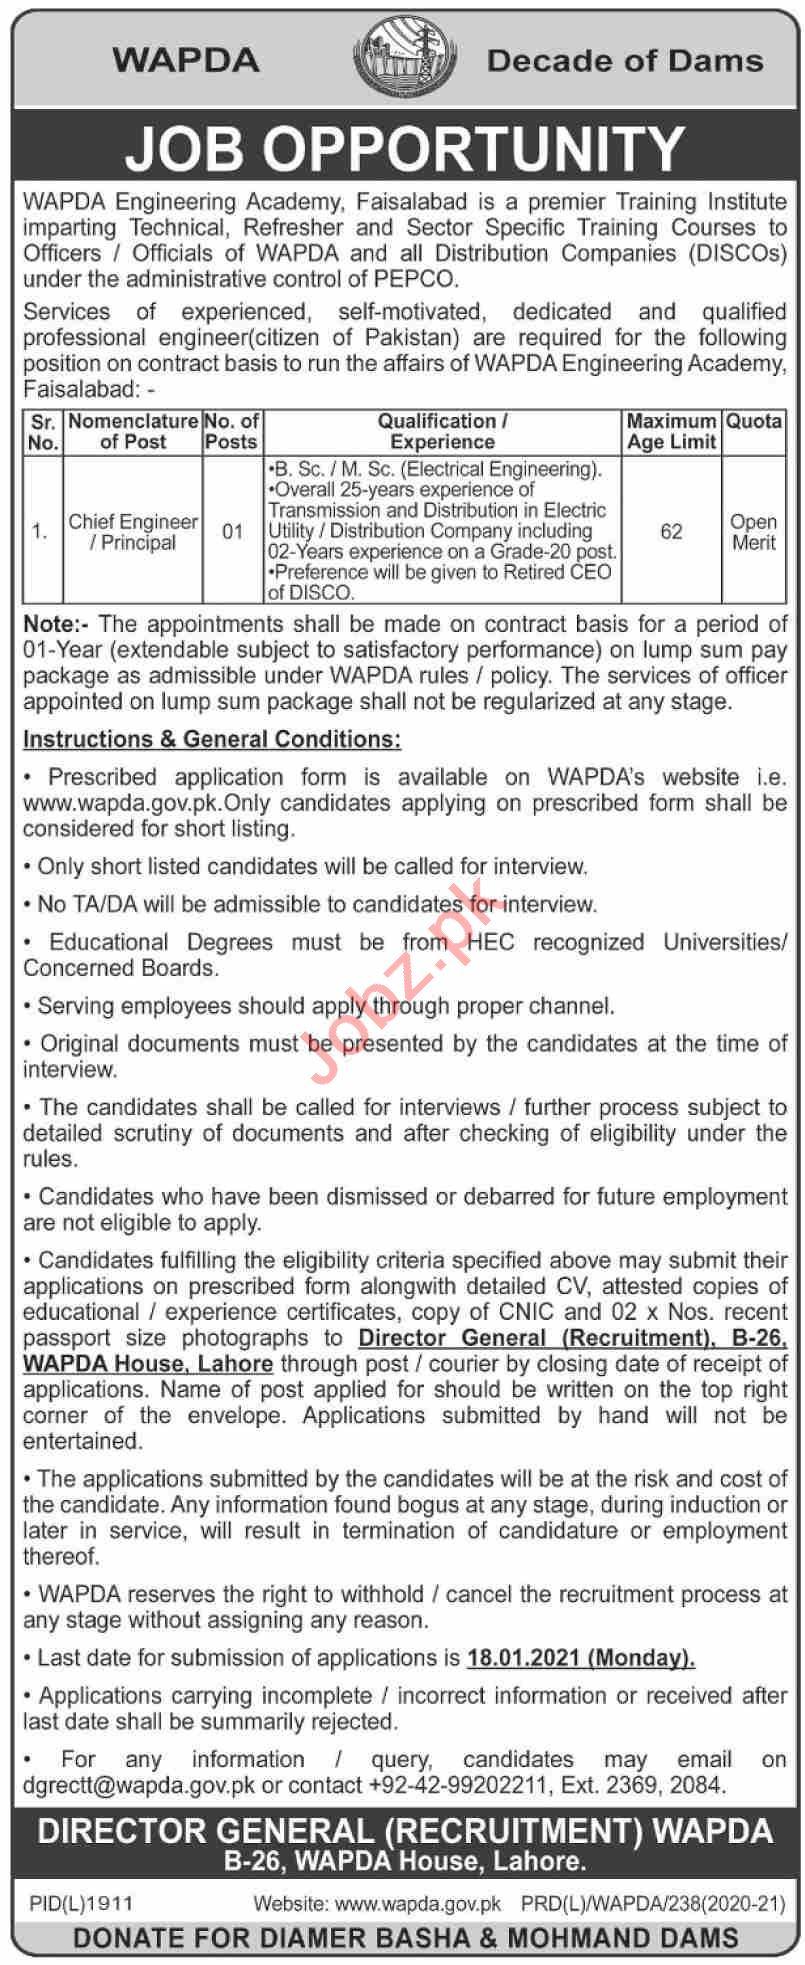 WAPDA Engineering Academy Faisalabad Jobs 2021 for Engineer